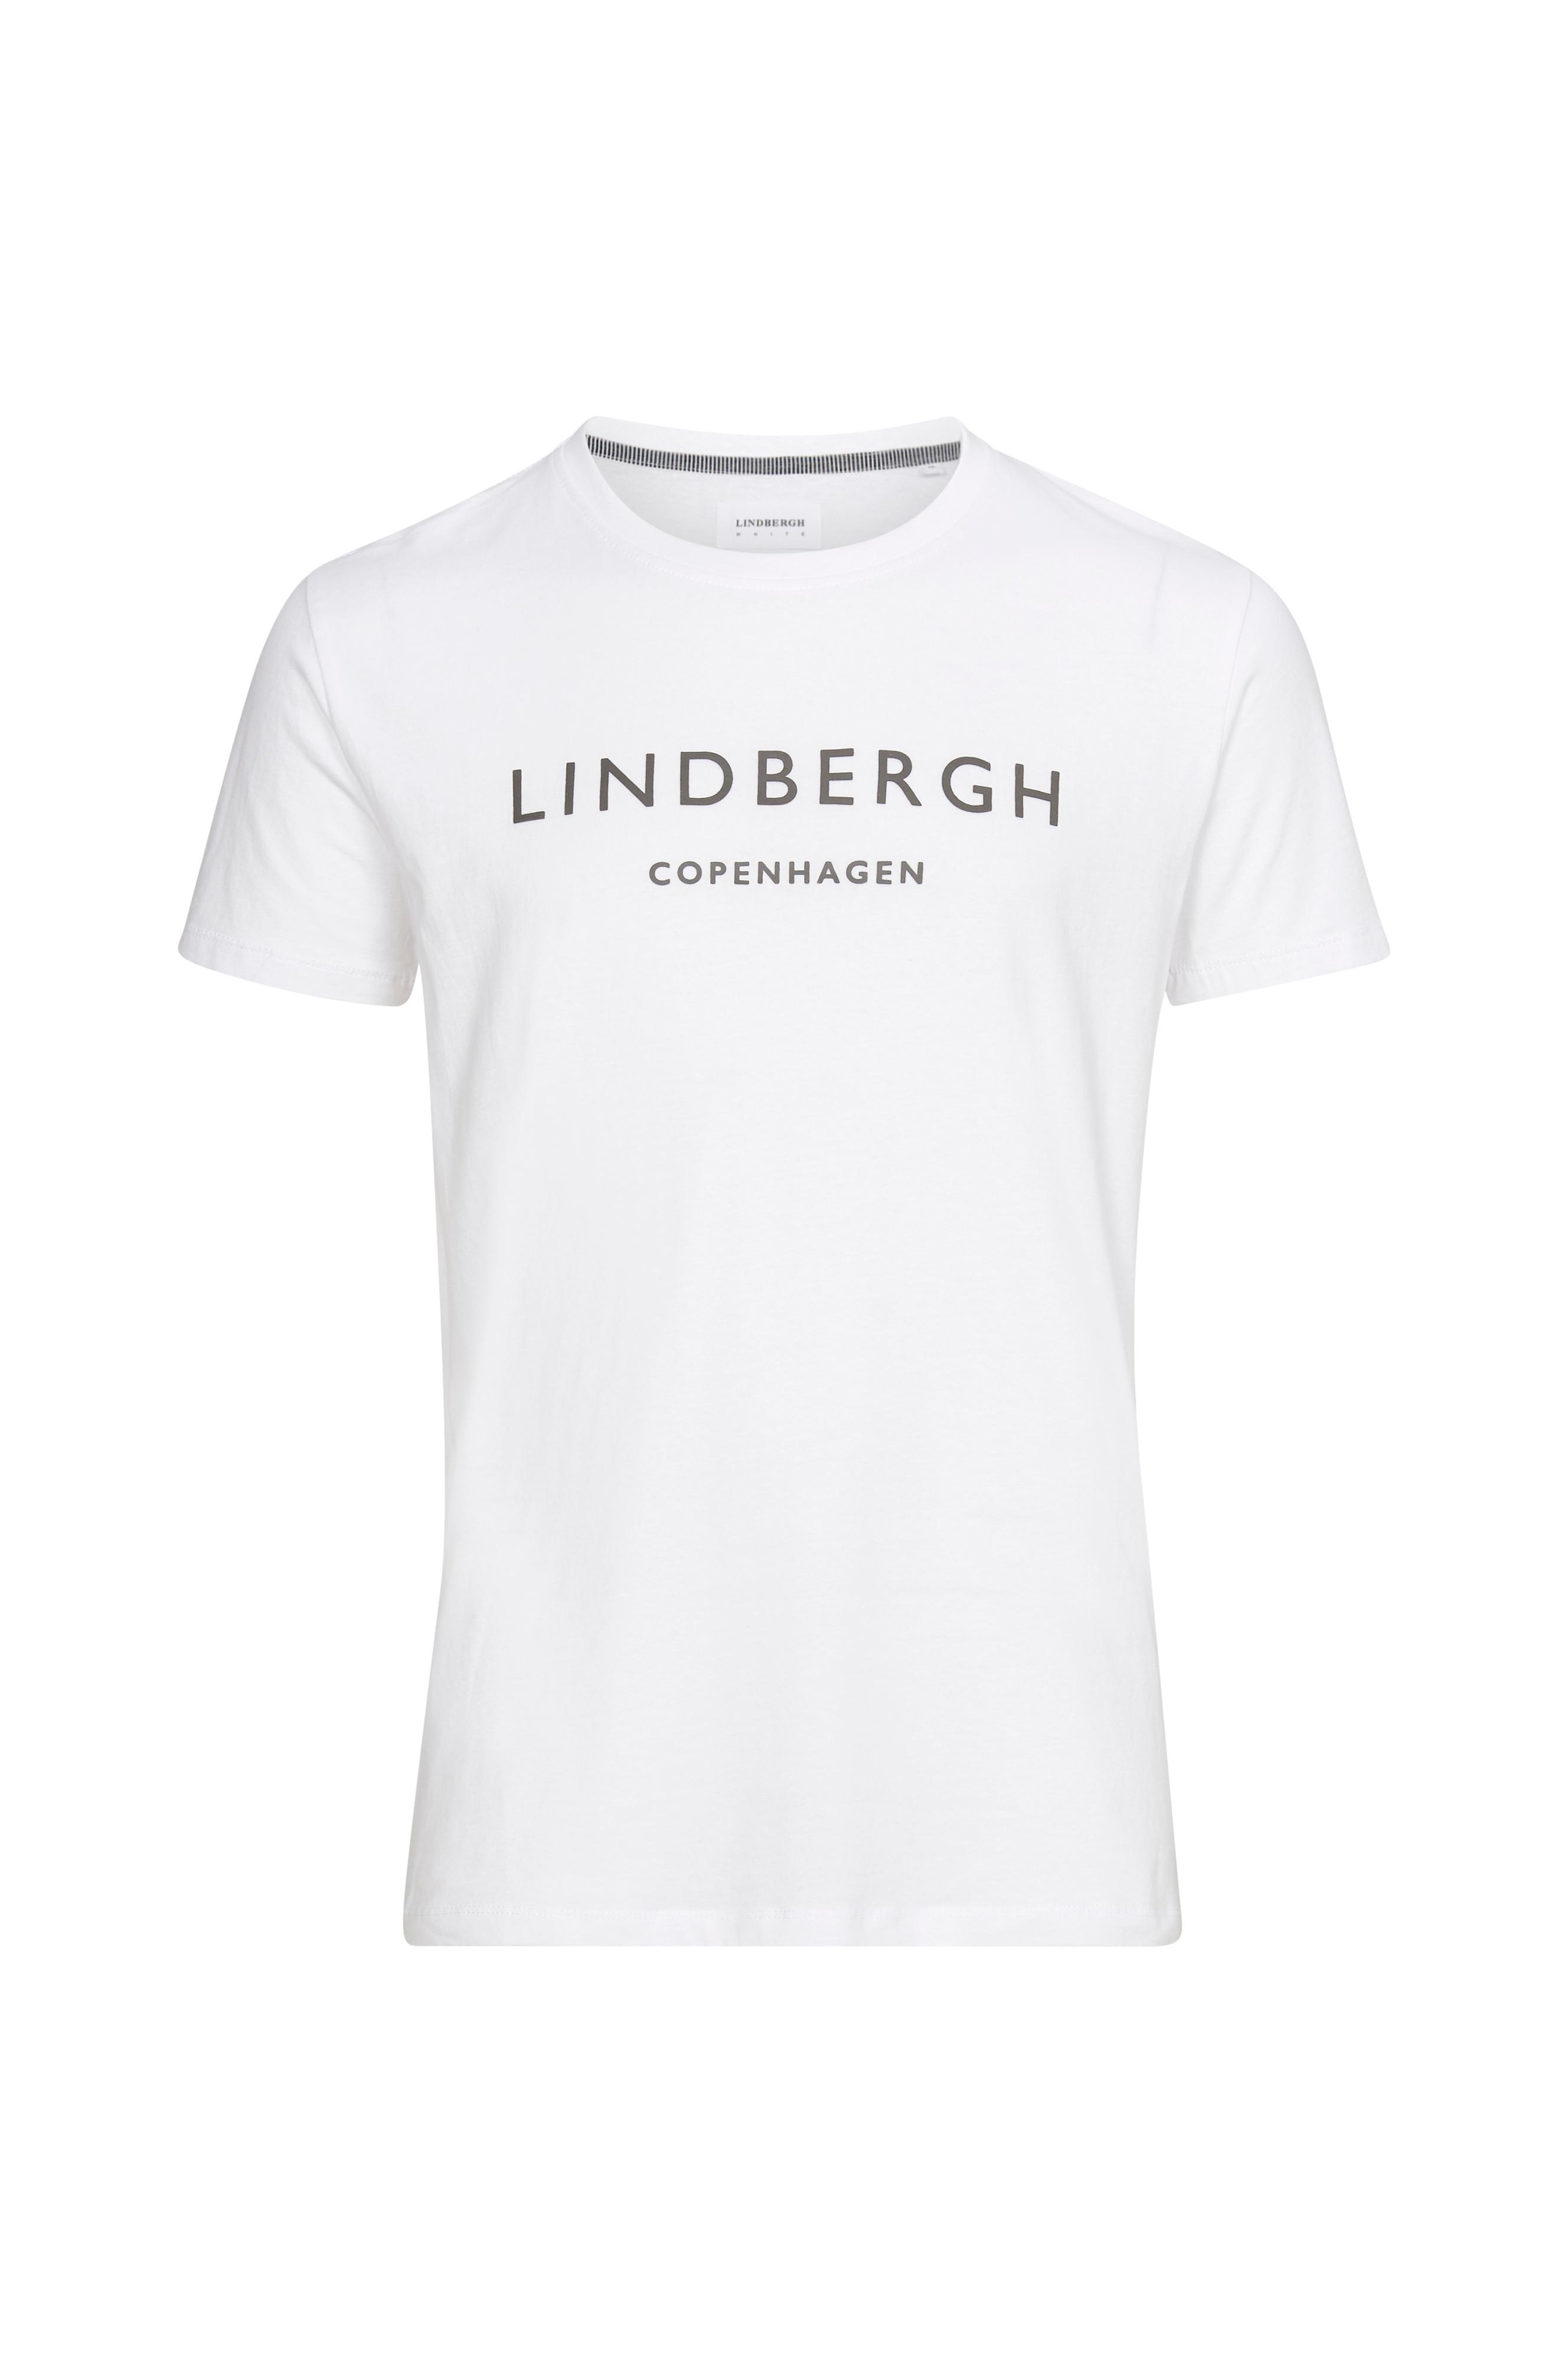 Lindbergh Copenhagen T skjorte White